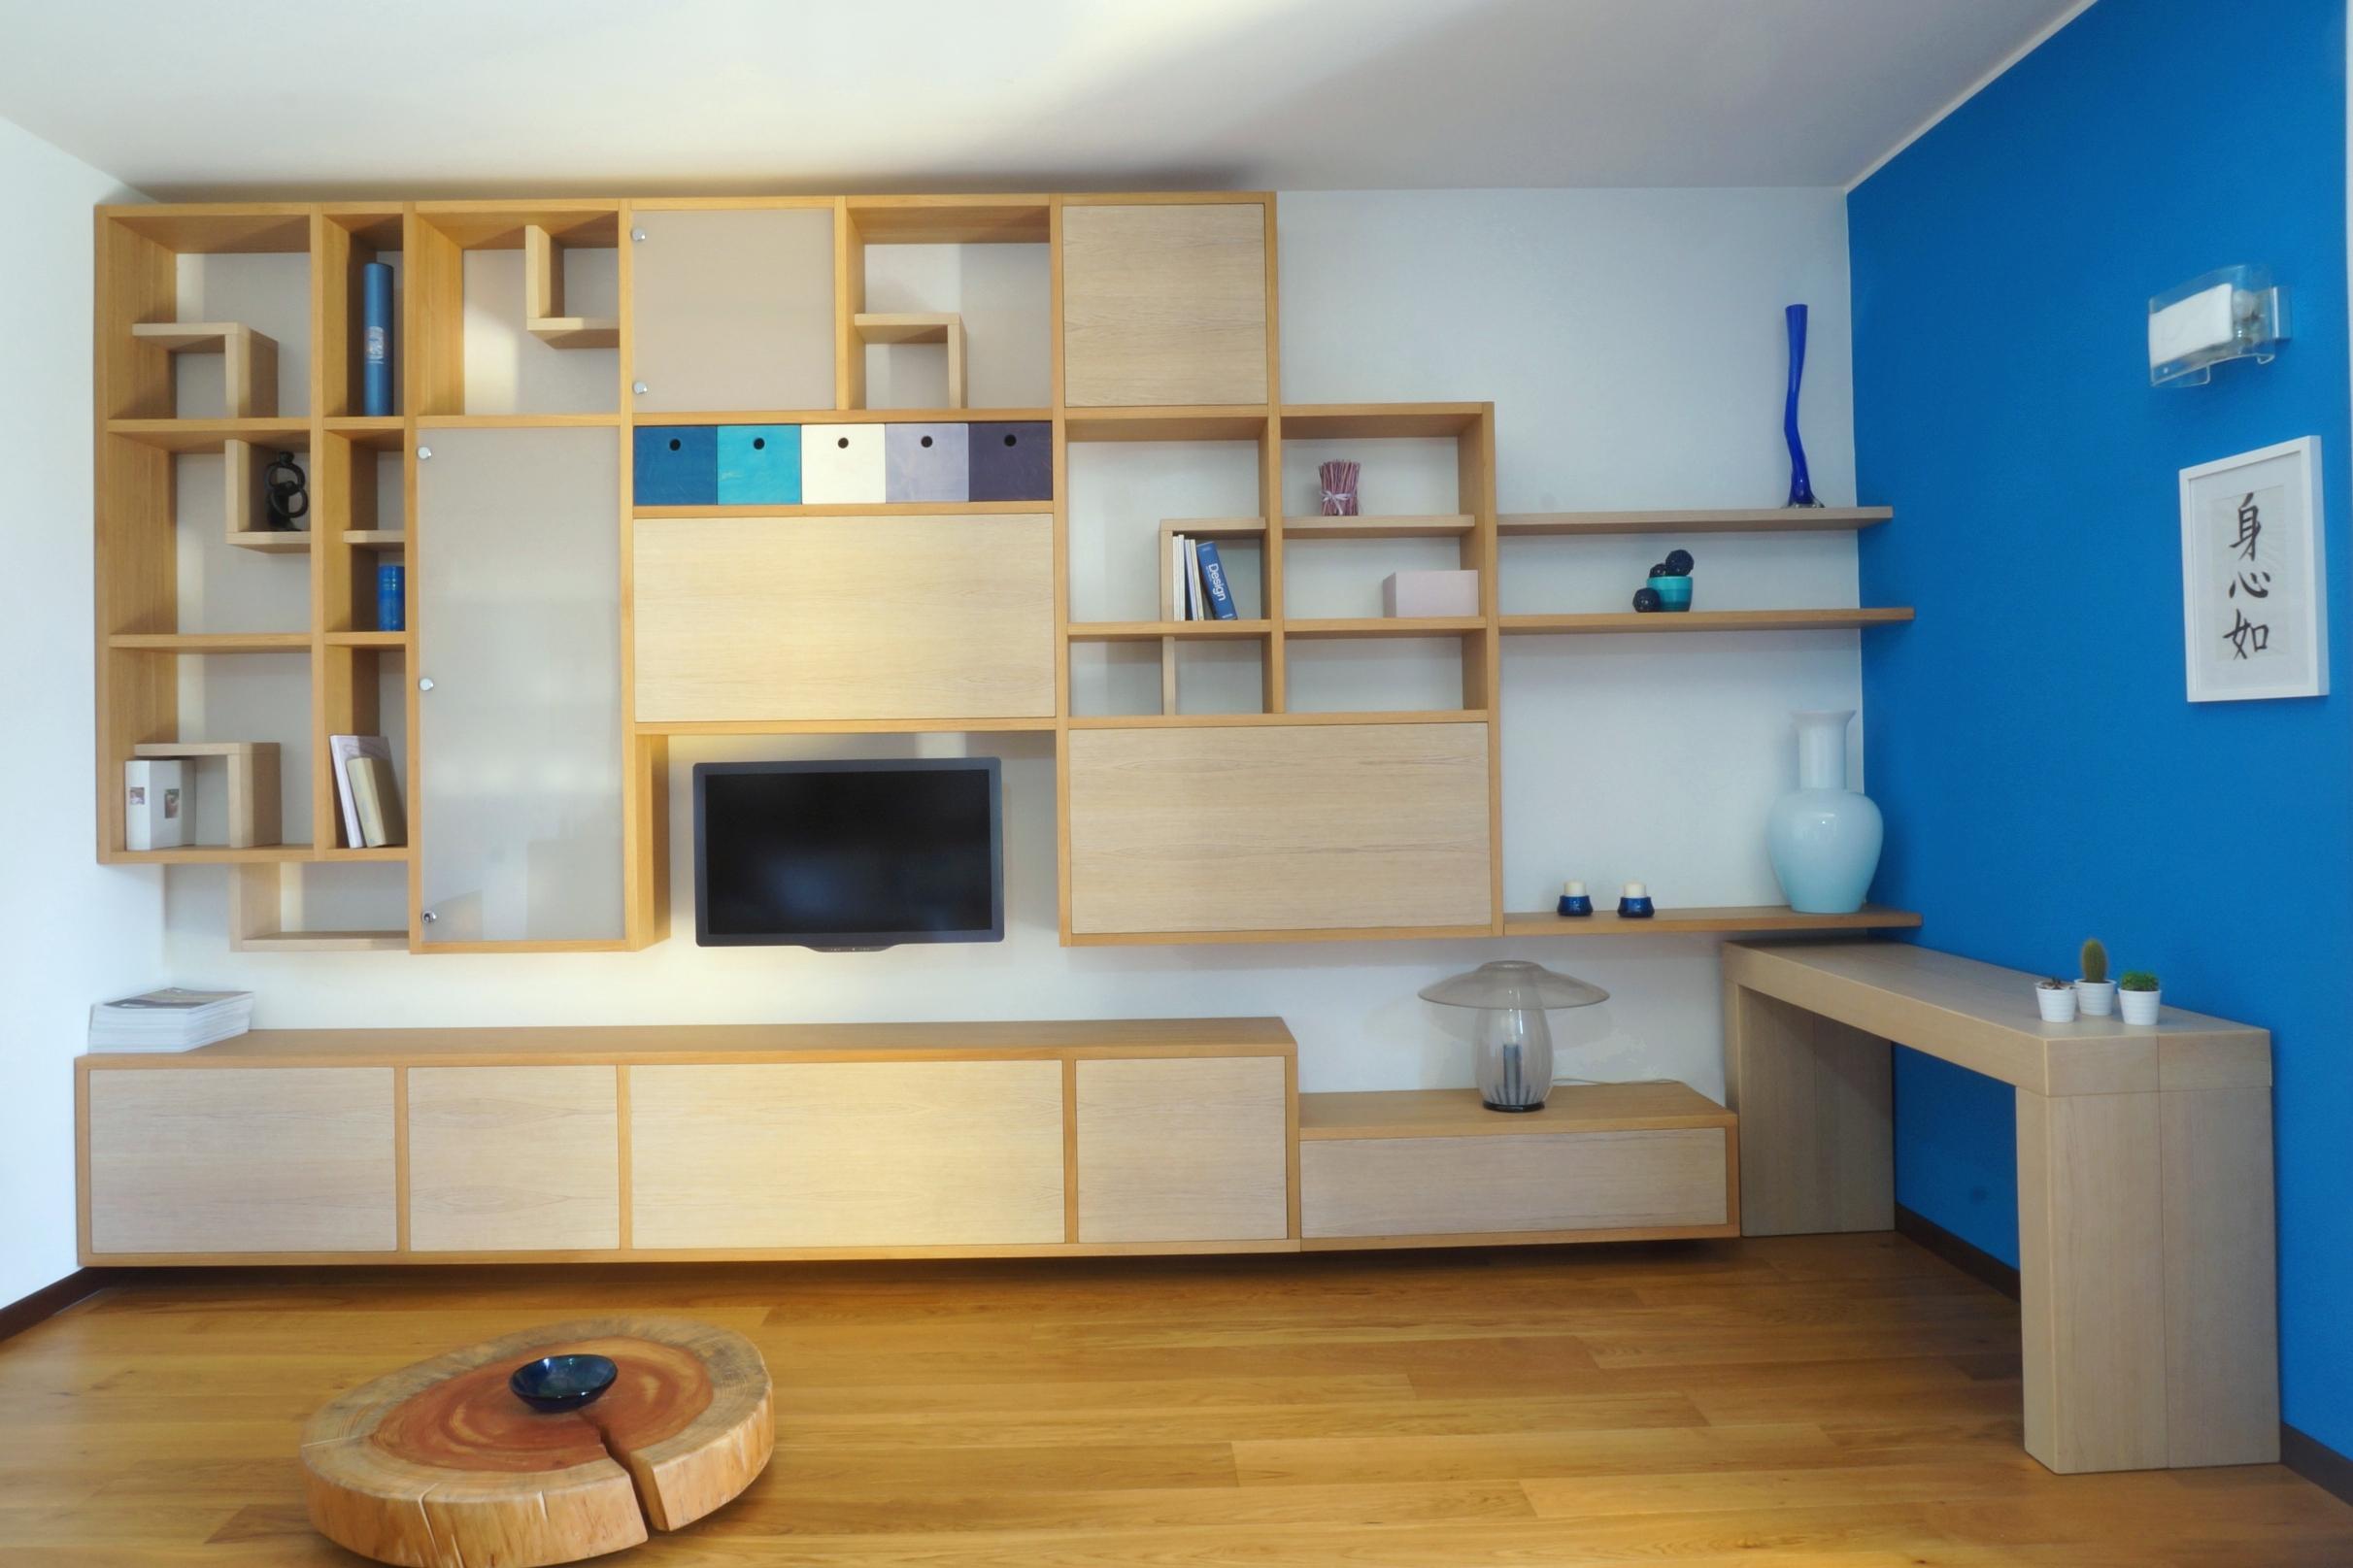 Falegnameria e progettazione lavorazione legno   4a-Arreda